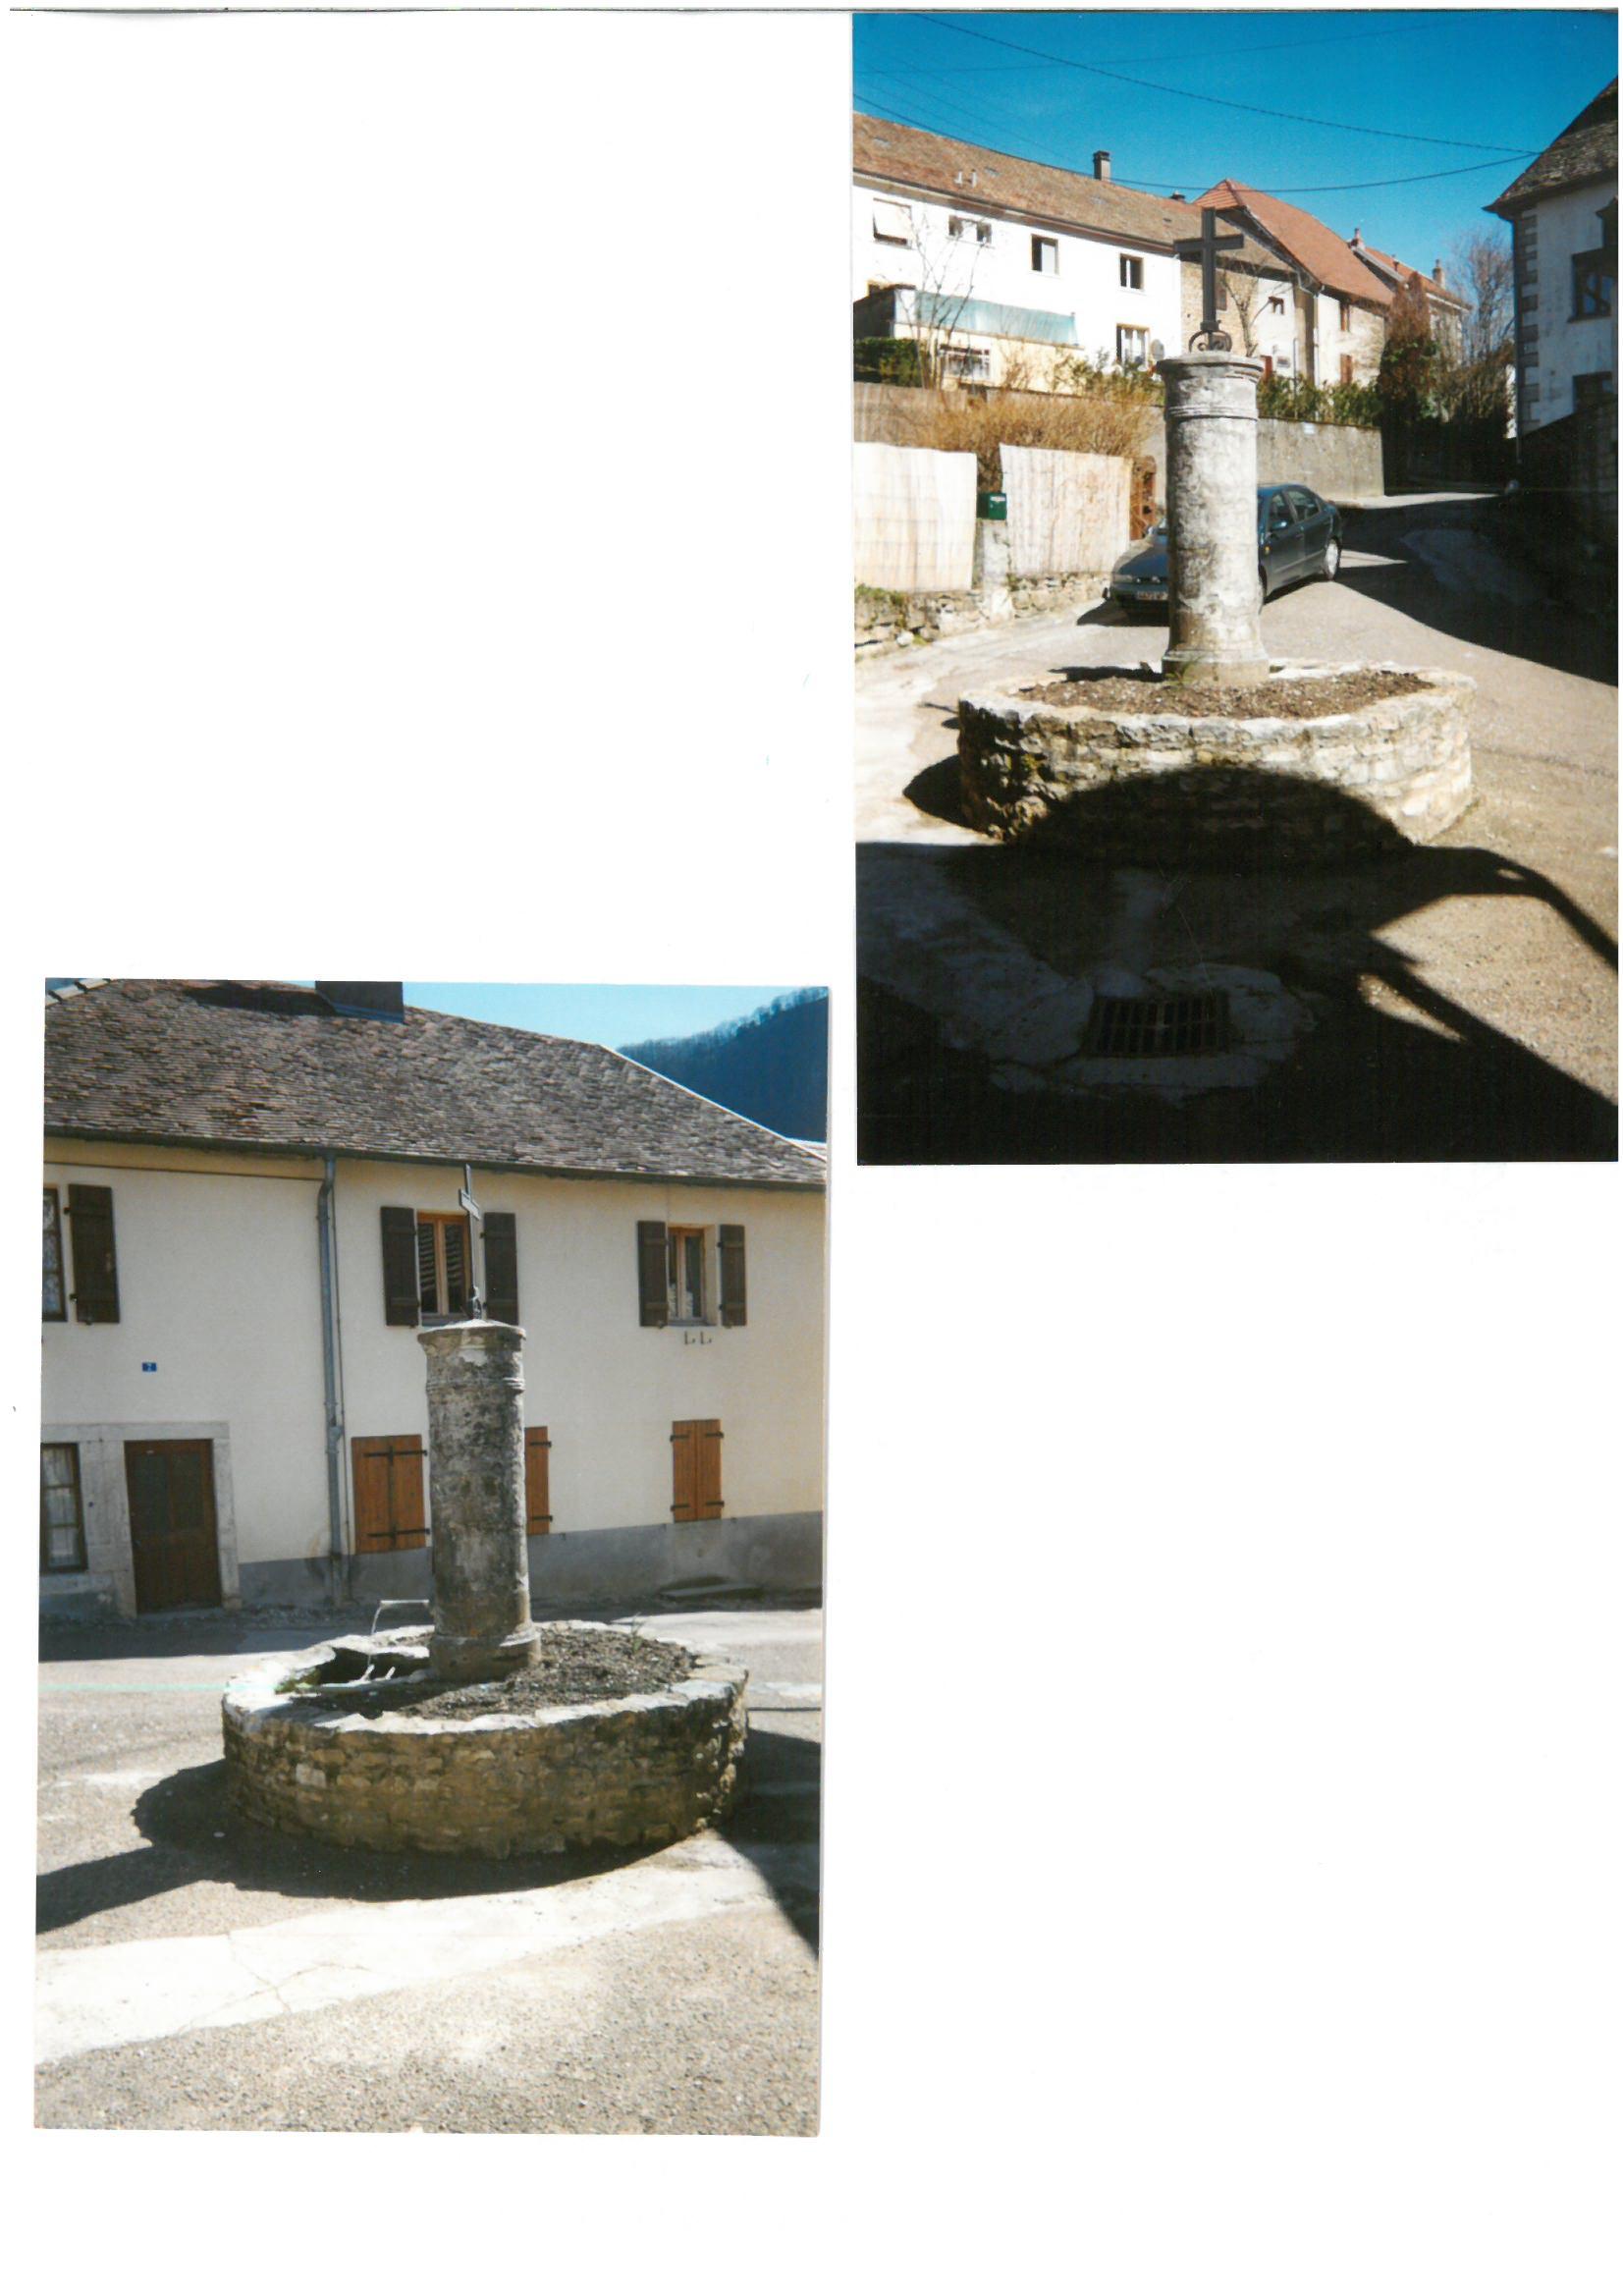 fontaine-photos-avant-travaux-2006-2